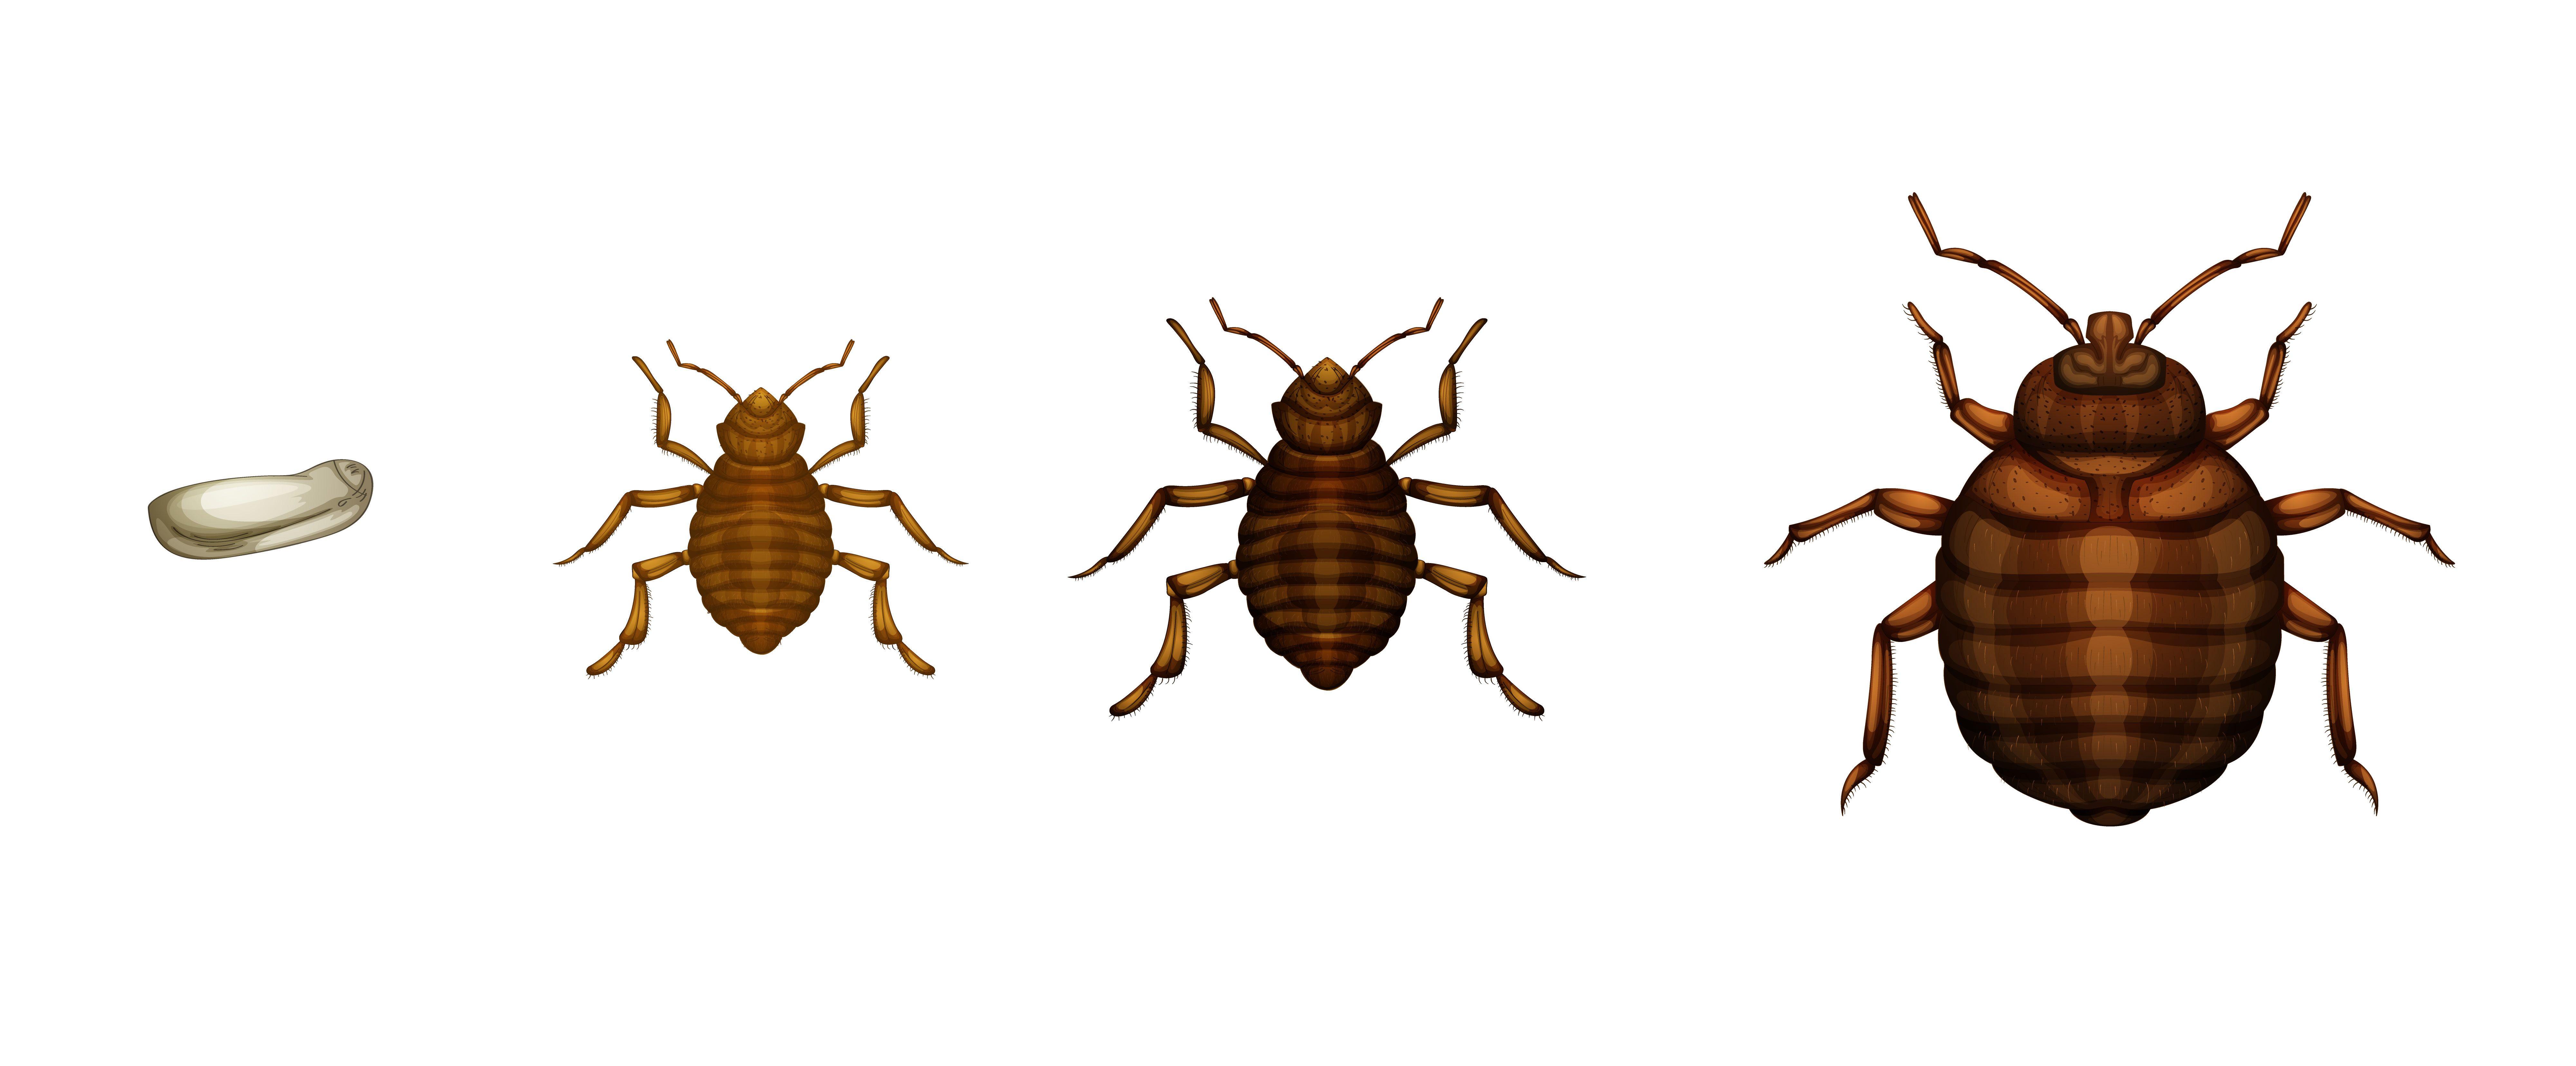 Oeuf De Punaise De Lit De Luxe 39 Classique Insecte De Lit – Faho forfriends